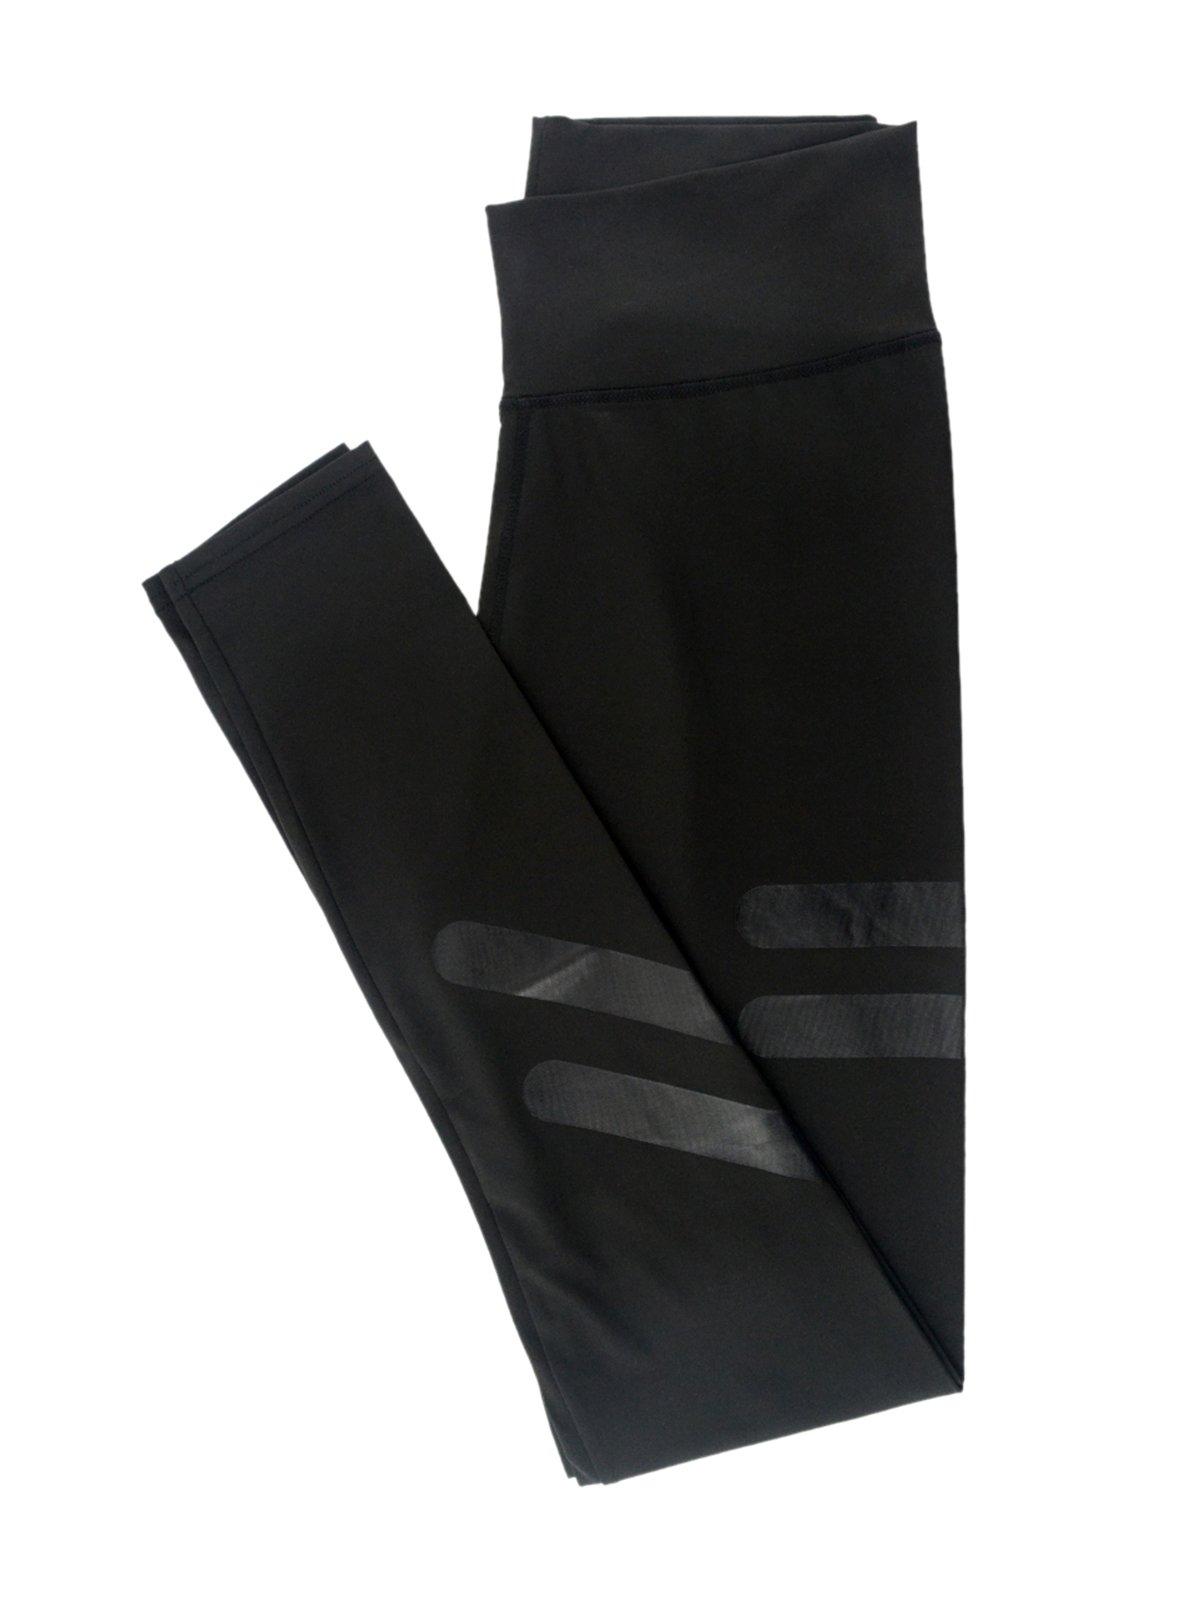 Леггинсы черные | 3721985 | фото 3